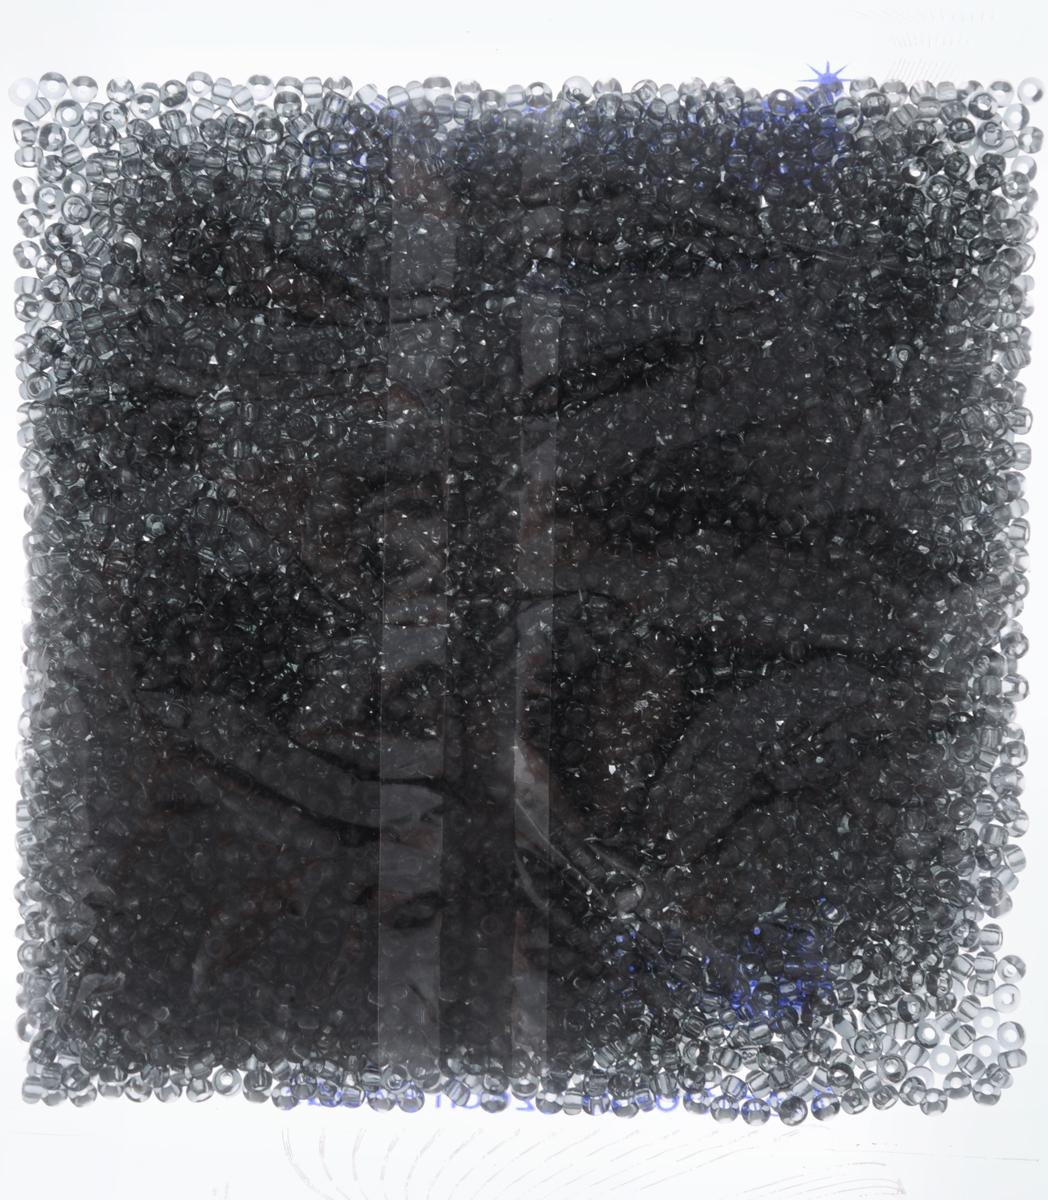 Бисер Preciosa Ассорти, прозрачный, цвет: черный (03), 10/0, 50 г. 163142163142_03_черныйБисер Preciosa Ассорти, изготовленный из стекла круглой формы, позволит вам своими руками создать оригинальные ожерелья, бусы или браслеты, а также заняться вышиванием. В бисероплетении часто используют бисер разных размеров и цветов. Он идеально подойдет для вышивания на предметах быта и женской одежде. Изготовление украшений - занимательное хобби и реализация творческих способностей рукодельницы, это возможность создания неповторимого индивидуального подарка.